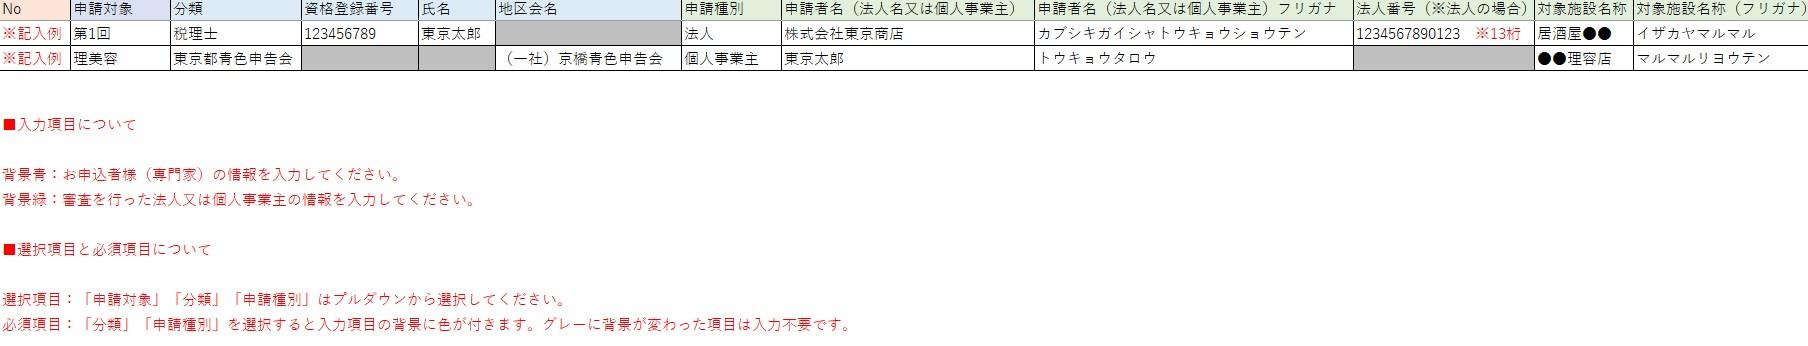 Excel申請フォーマット